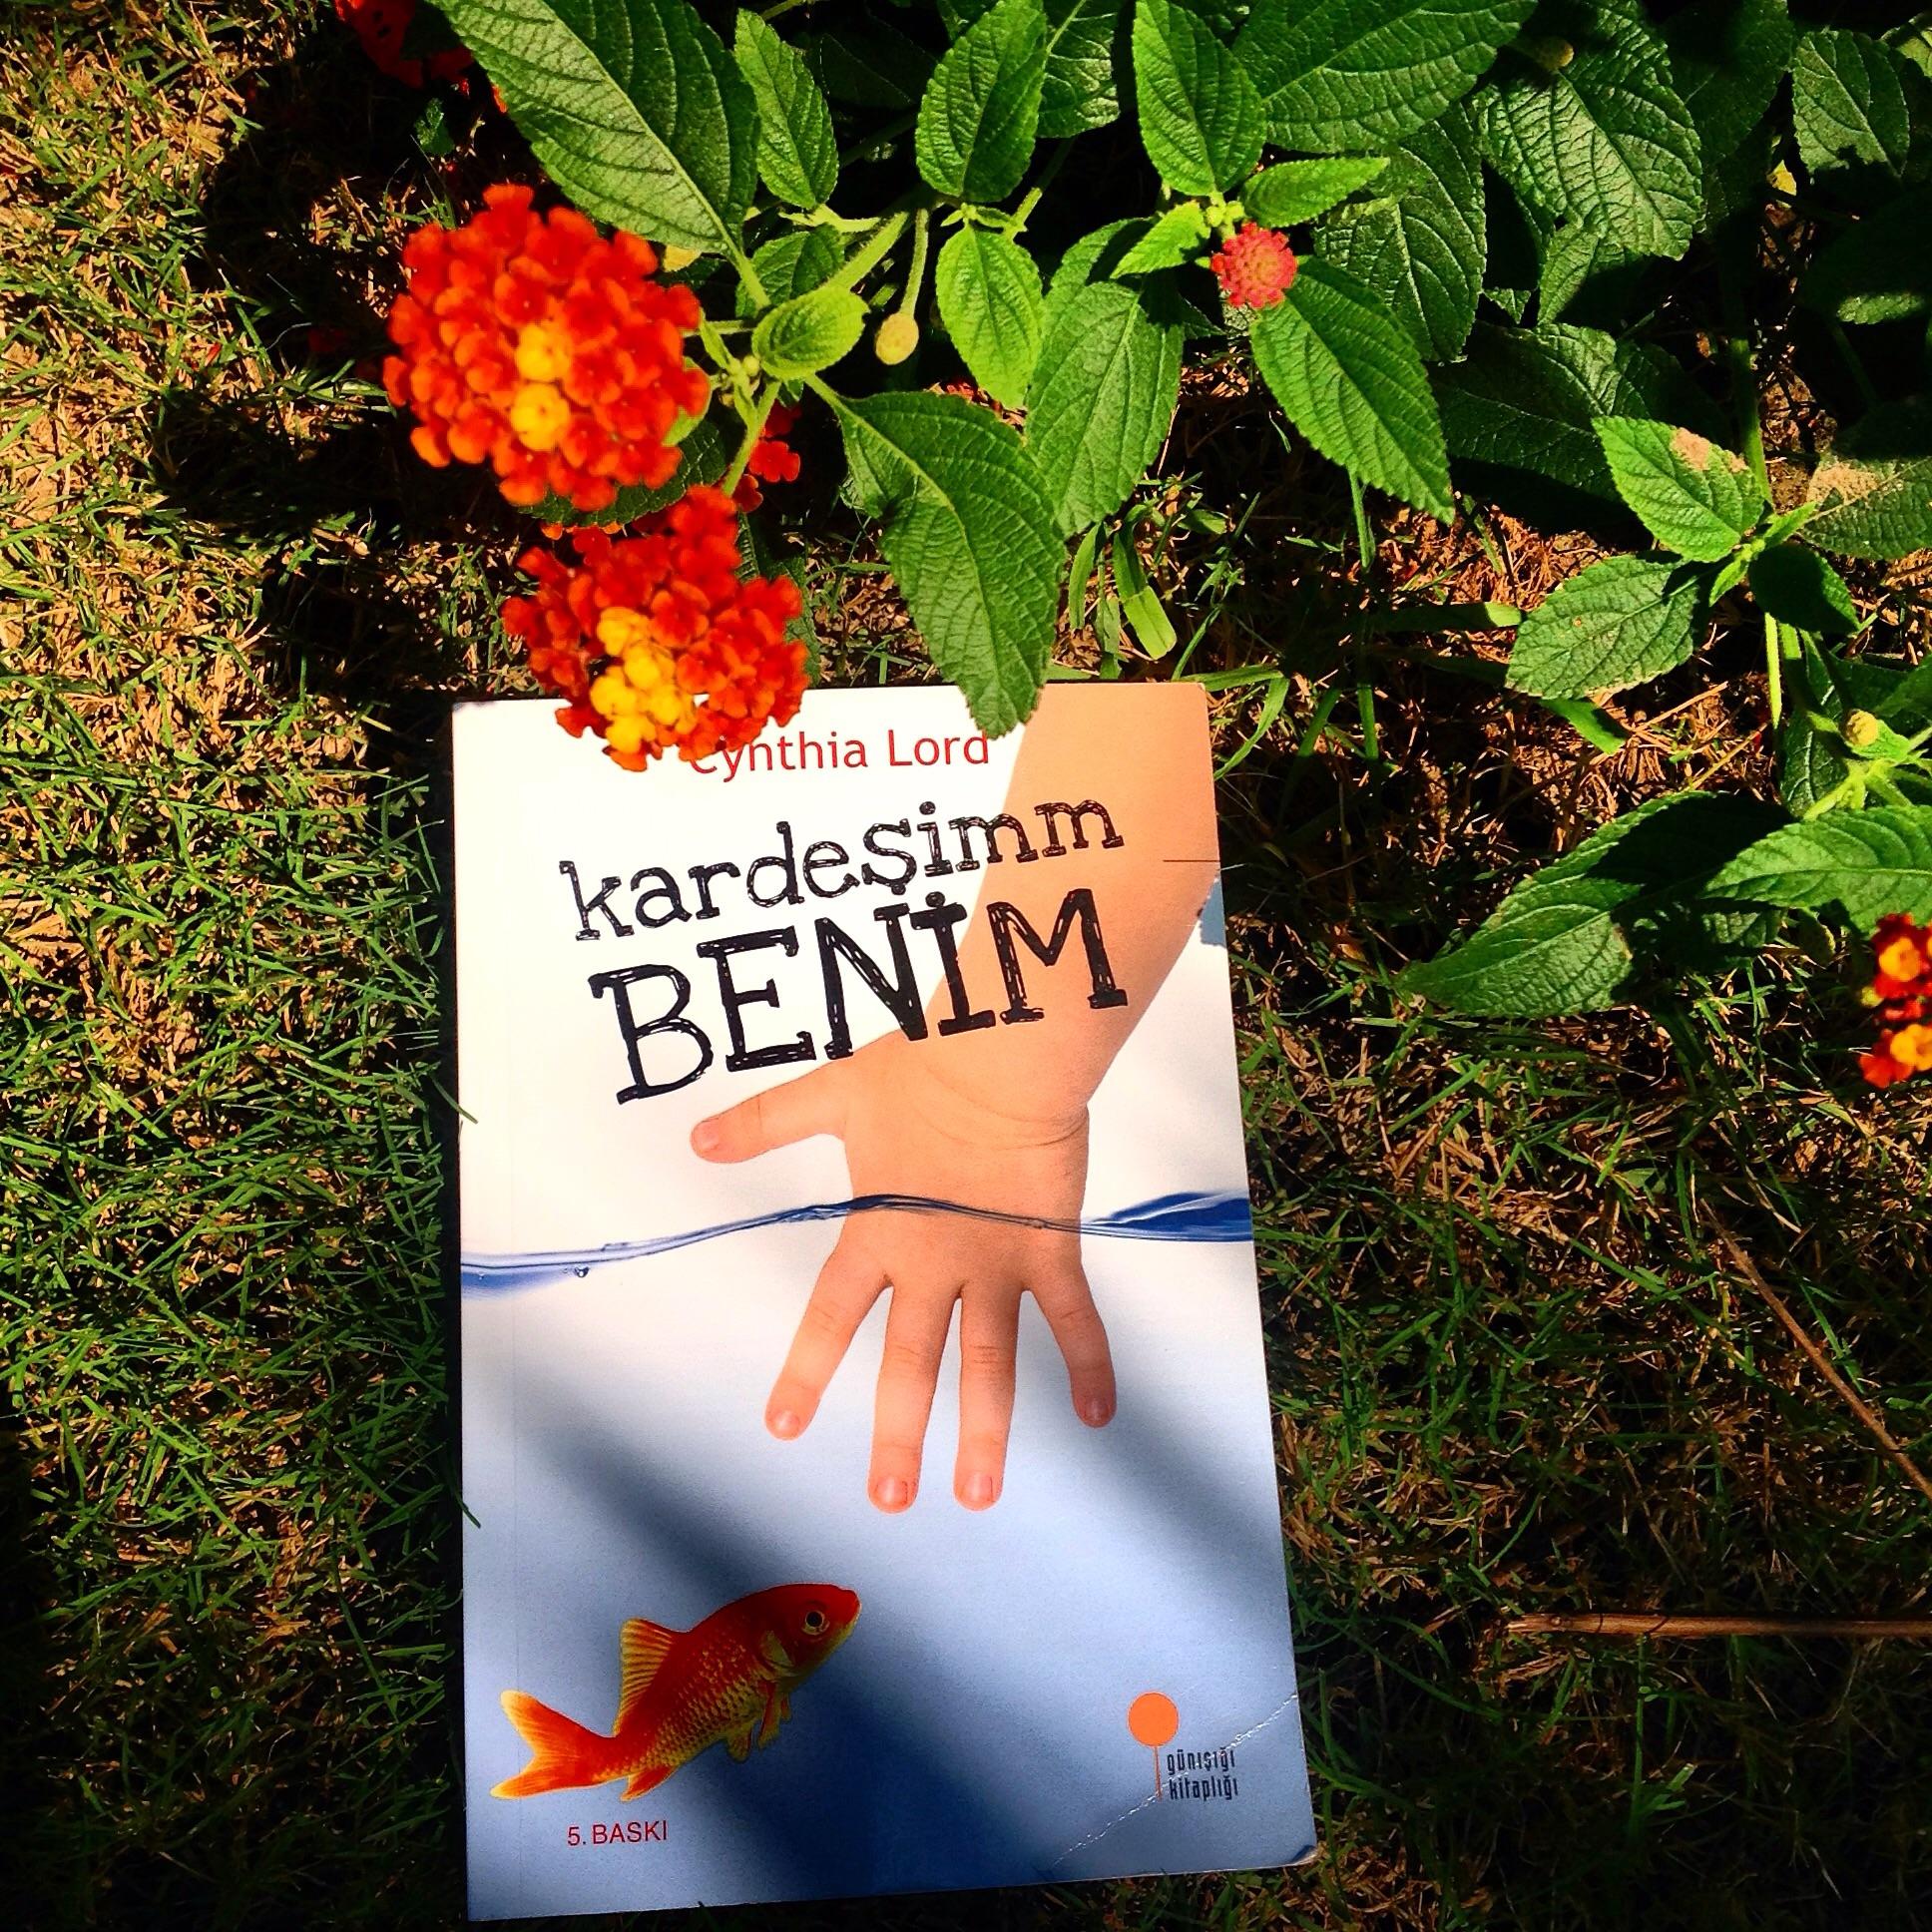 '3 Aralık Dünya Engelliler Günü'ne Özel Baş Kahramanlarının Engel Tanımadığı Kitaplar, İLK EVİN - Özel Eğitim ve Rehabilitasyon Merkezi